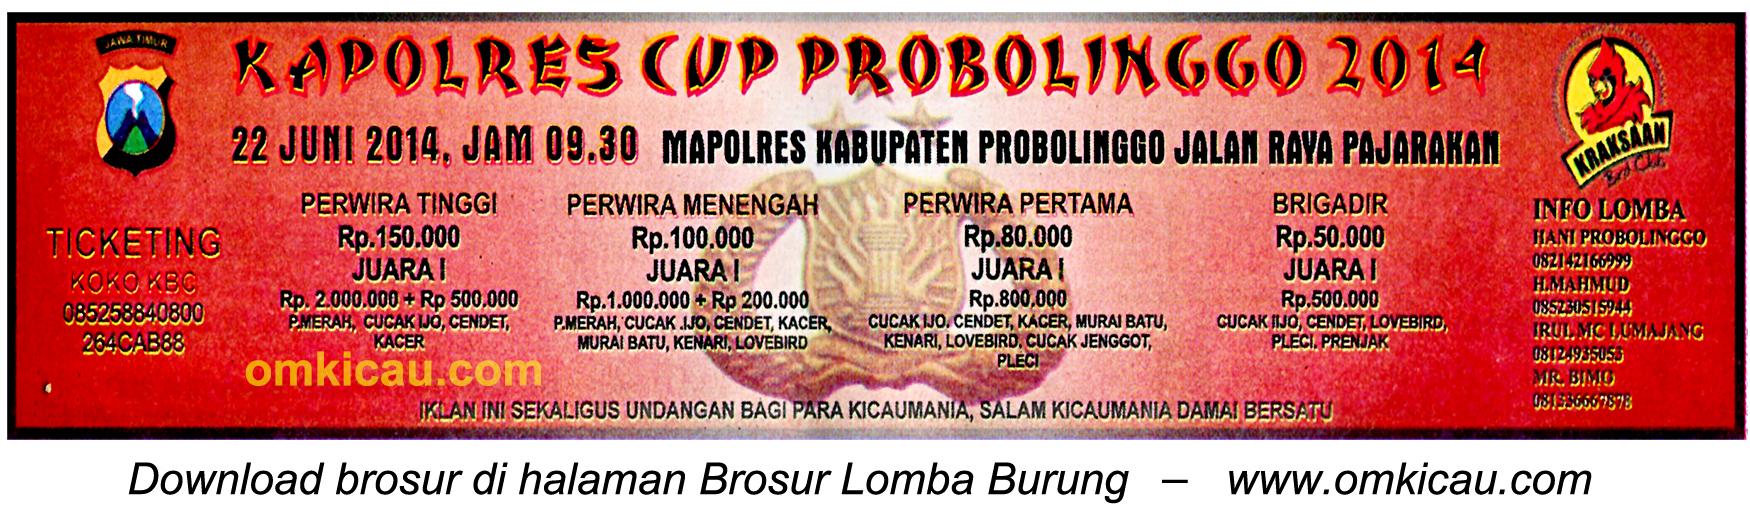 Brosur Lomba Burung Berkicau Kapolres Cup Probolonggo, 22 Juni 2014